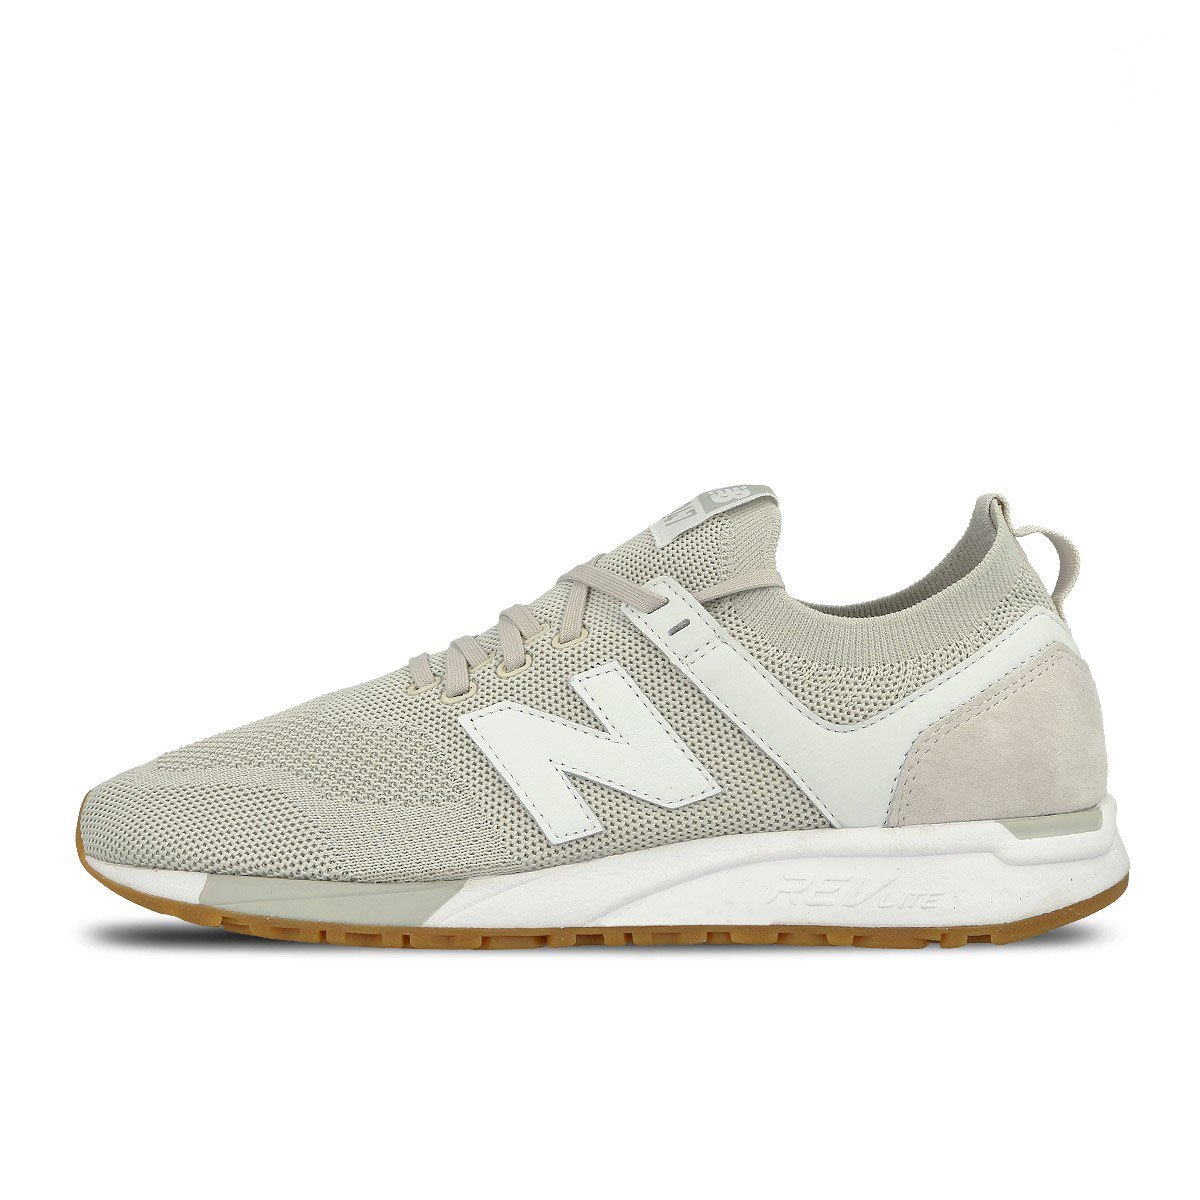 New Balance MRL247 Calzado 44.5|Beige Venta de calzado deportivo de moda en línea